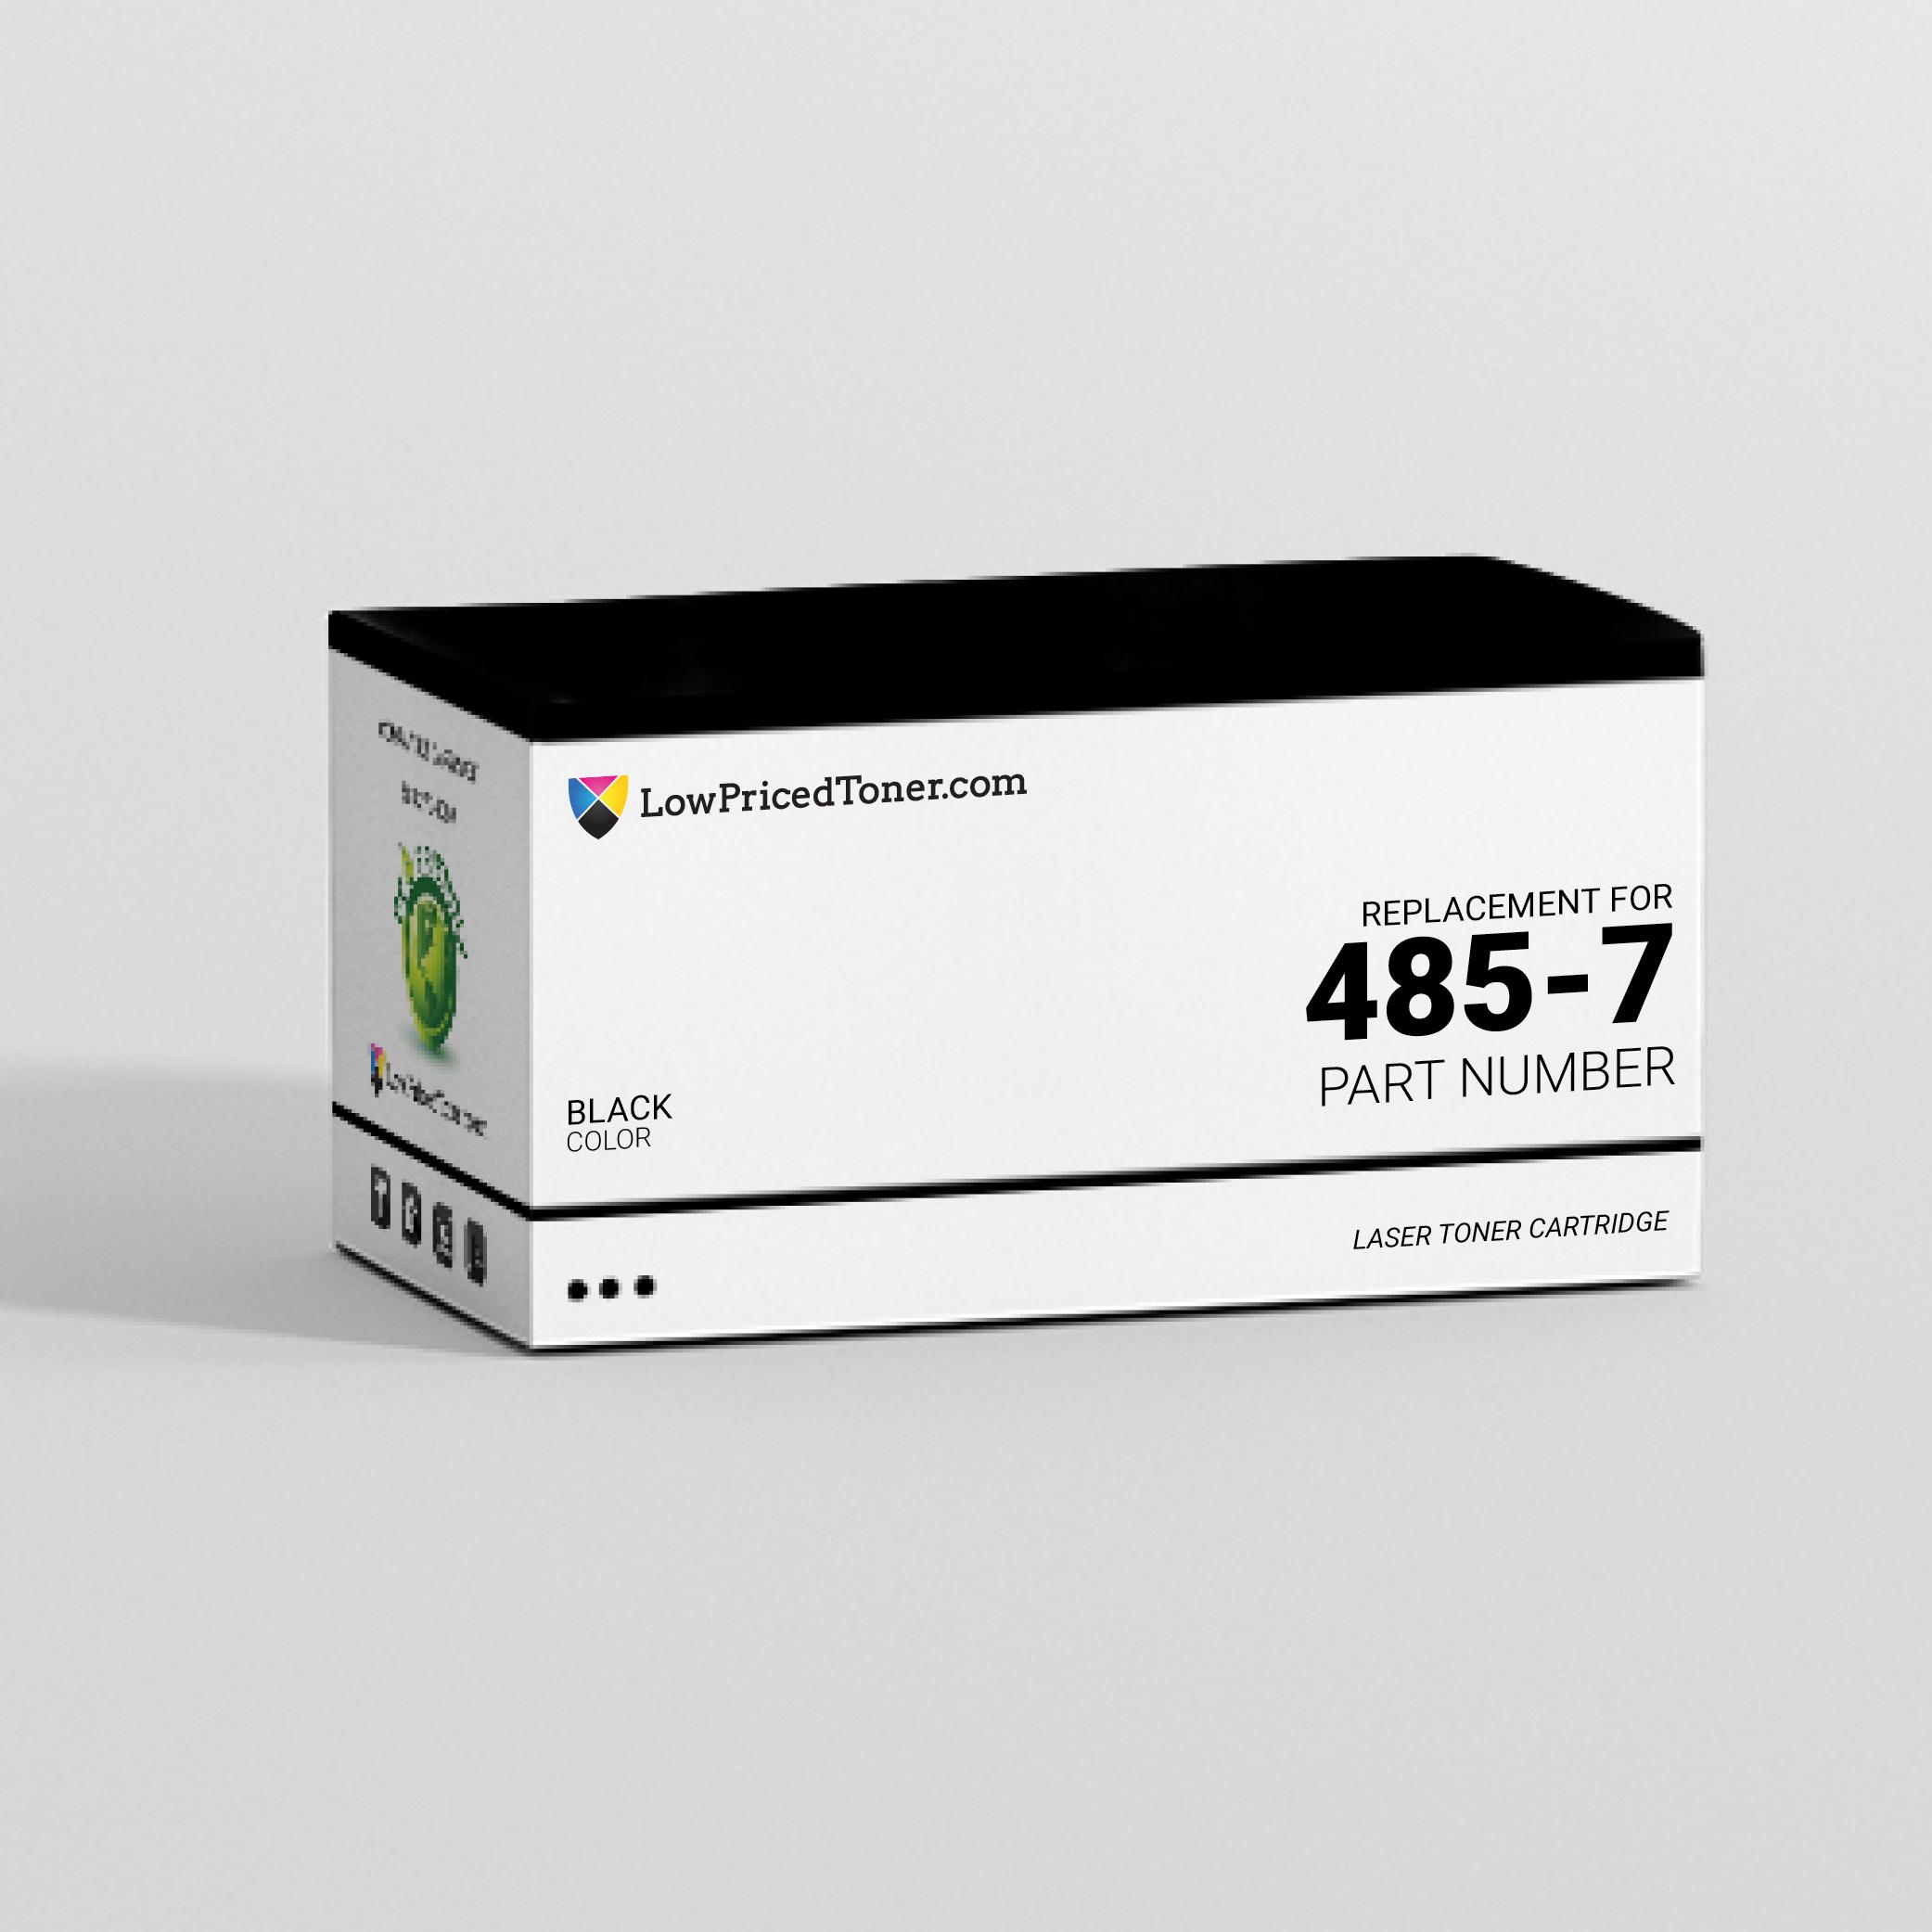 Oce 485-7 Compatible Black Laser Toner Cartridge